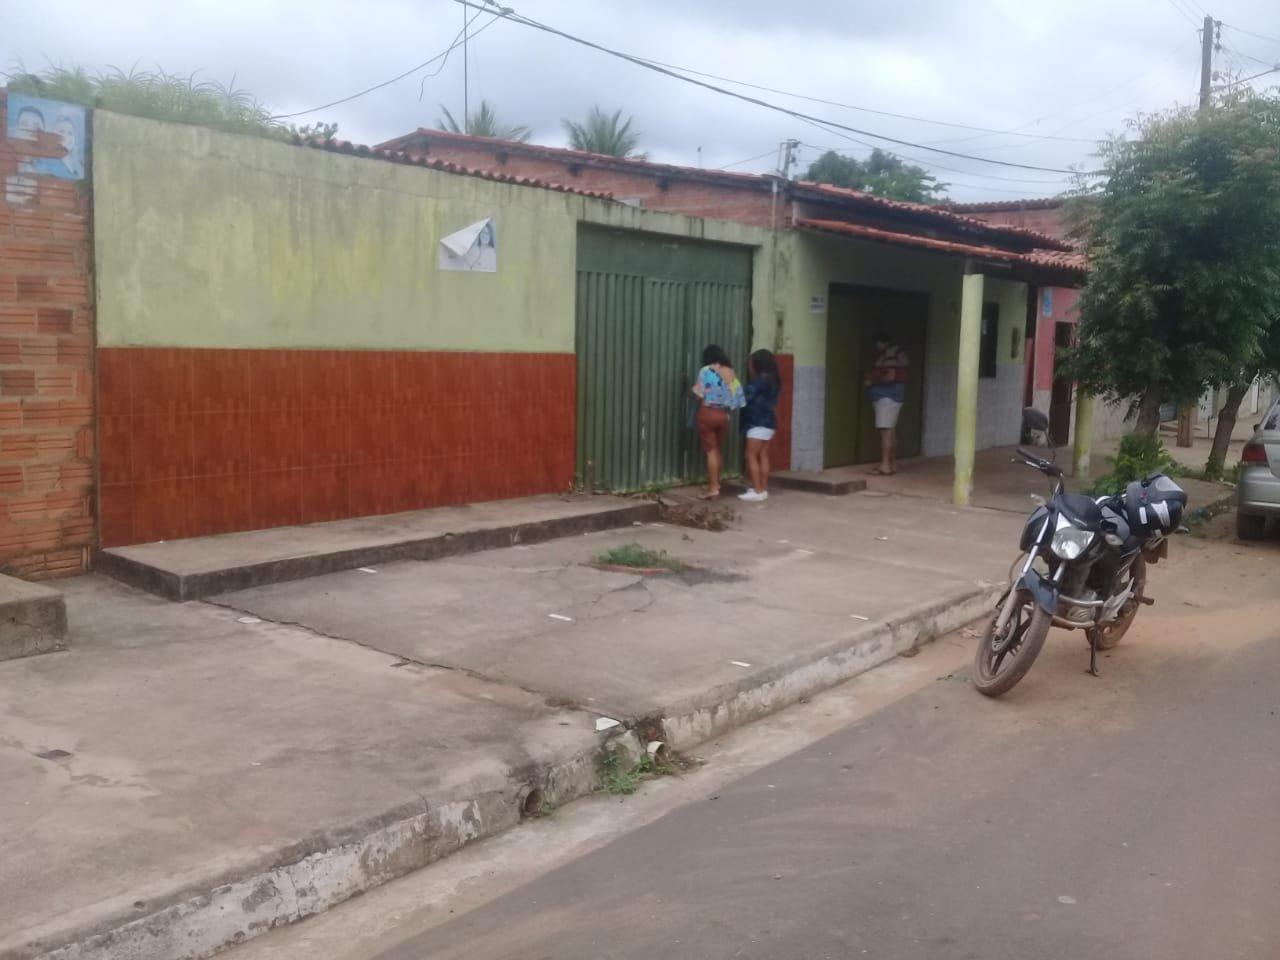 Linda residência a venda no povoado  Olho D'agua Do Seco em Gonçalves Dias - MA